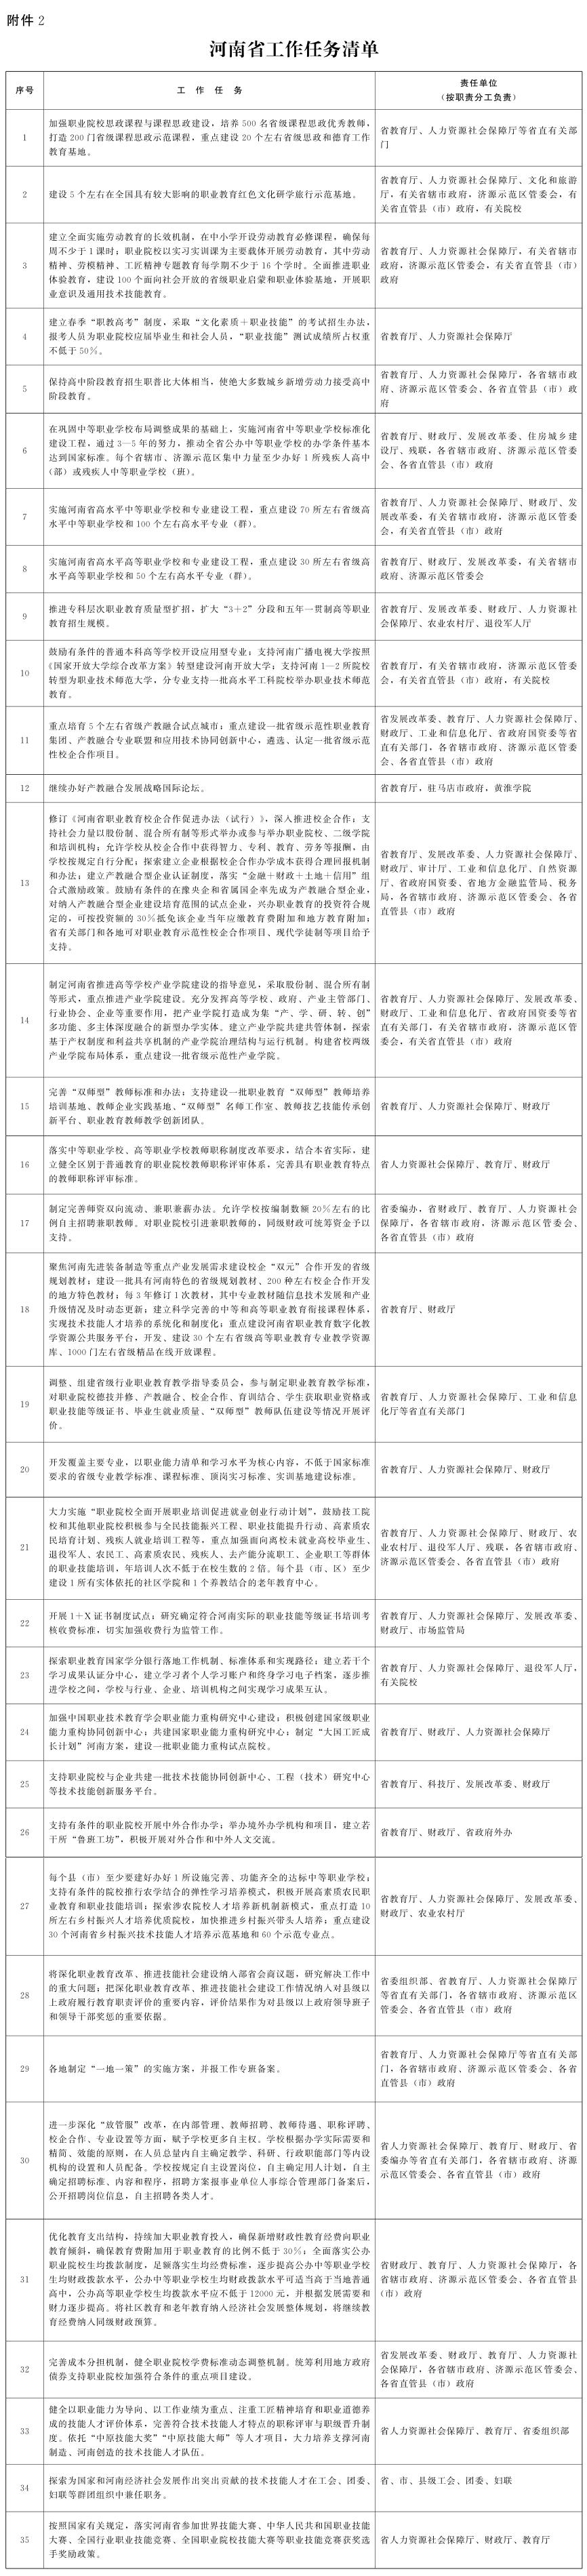 教育部河南省人民政府关于深化职业教育改革推进技能社会建设的意见